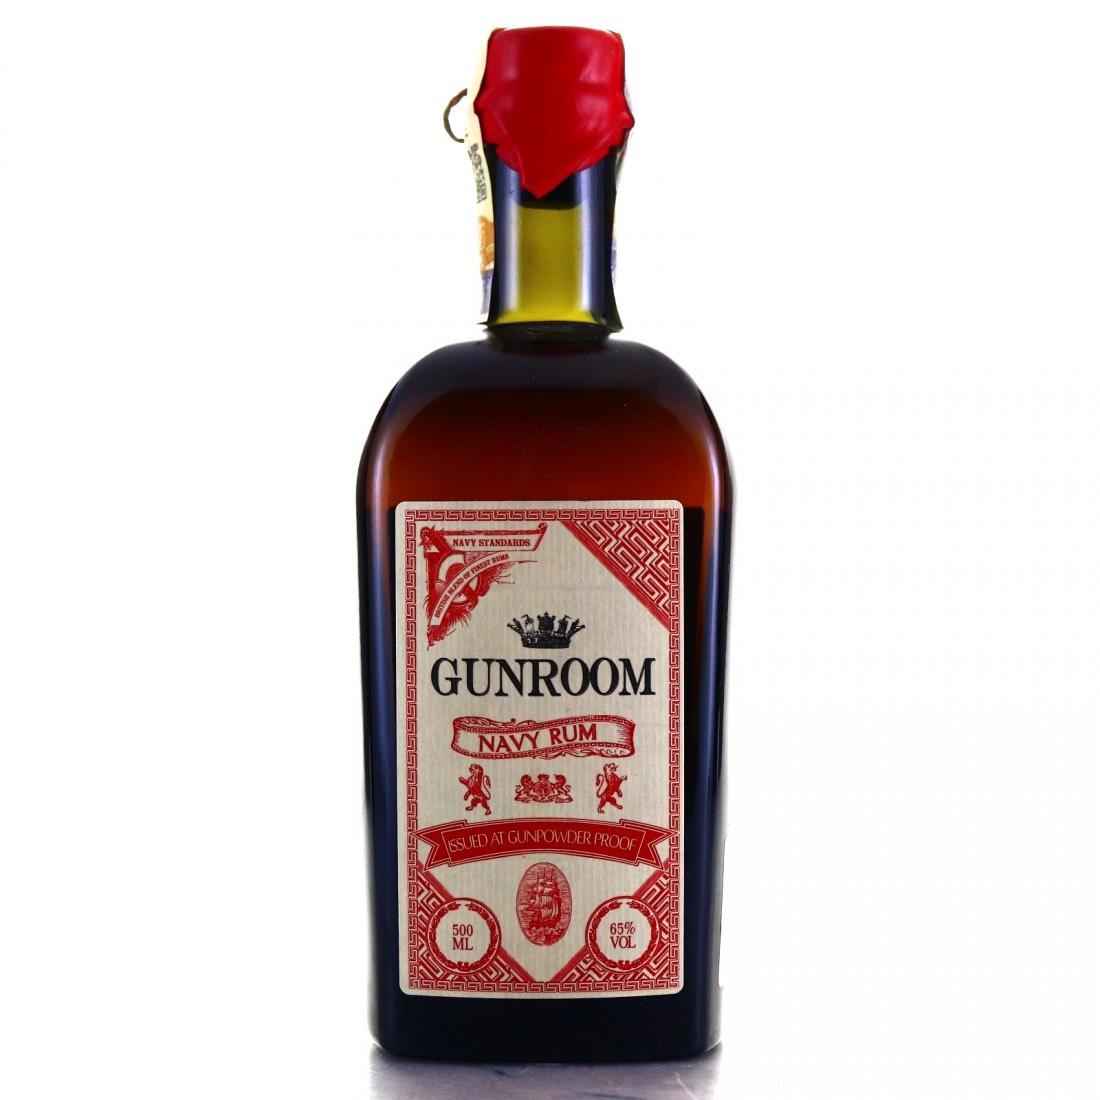 Bottle image of Gunroom Navy Rum